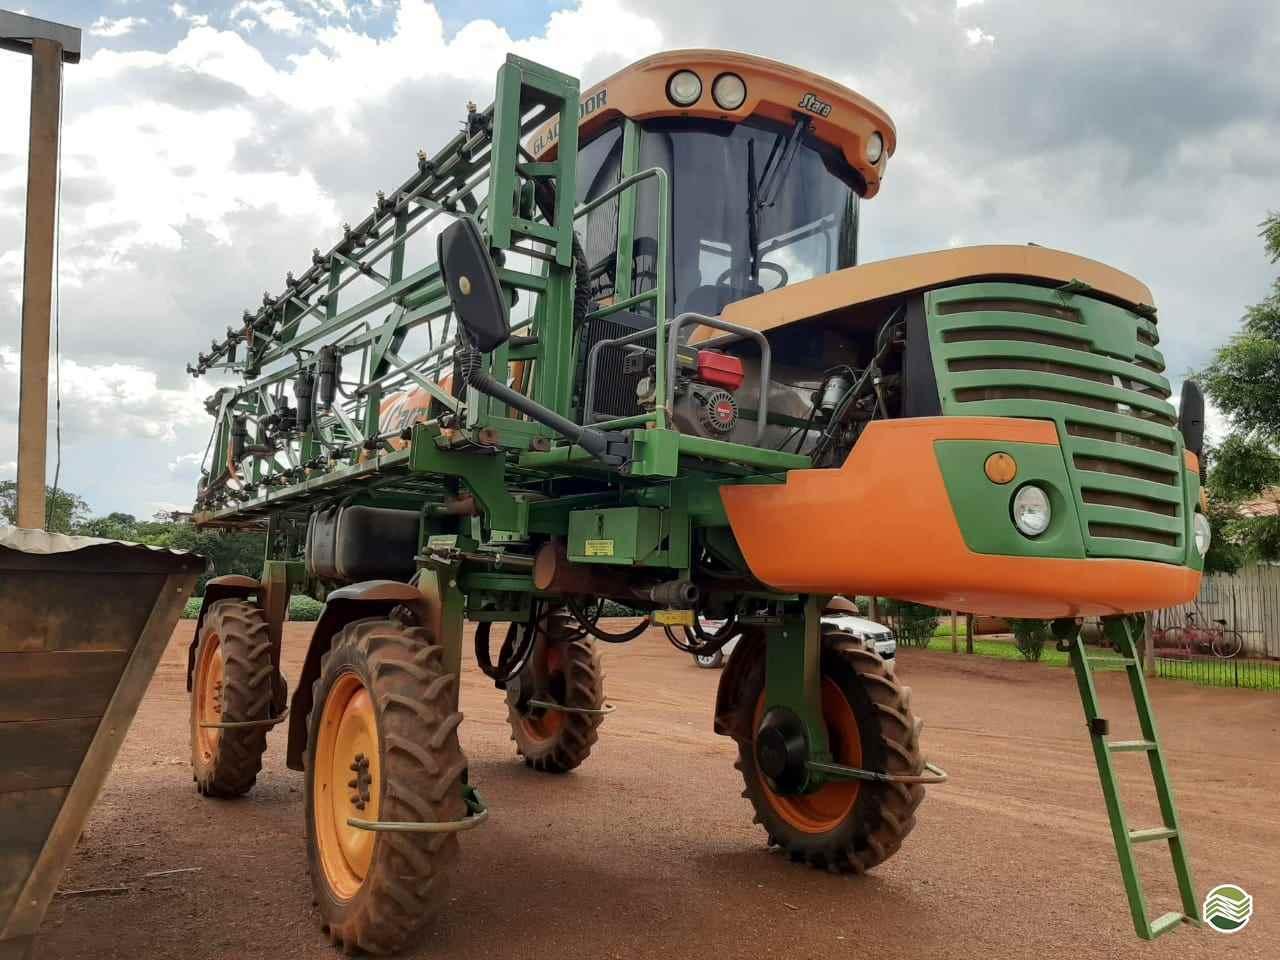 PULVERIZADOR STARA GLADIADOR 2300 Tração 4x2 Gama Máquinas Agrícolas RIO VERDE GOIAS GO